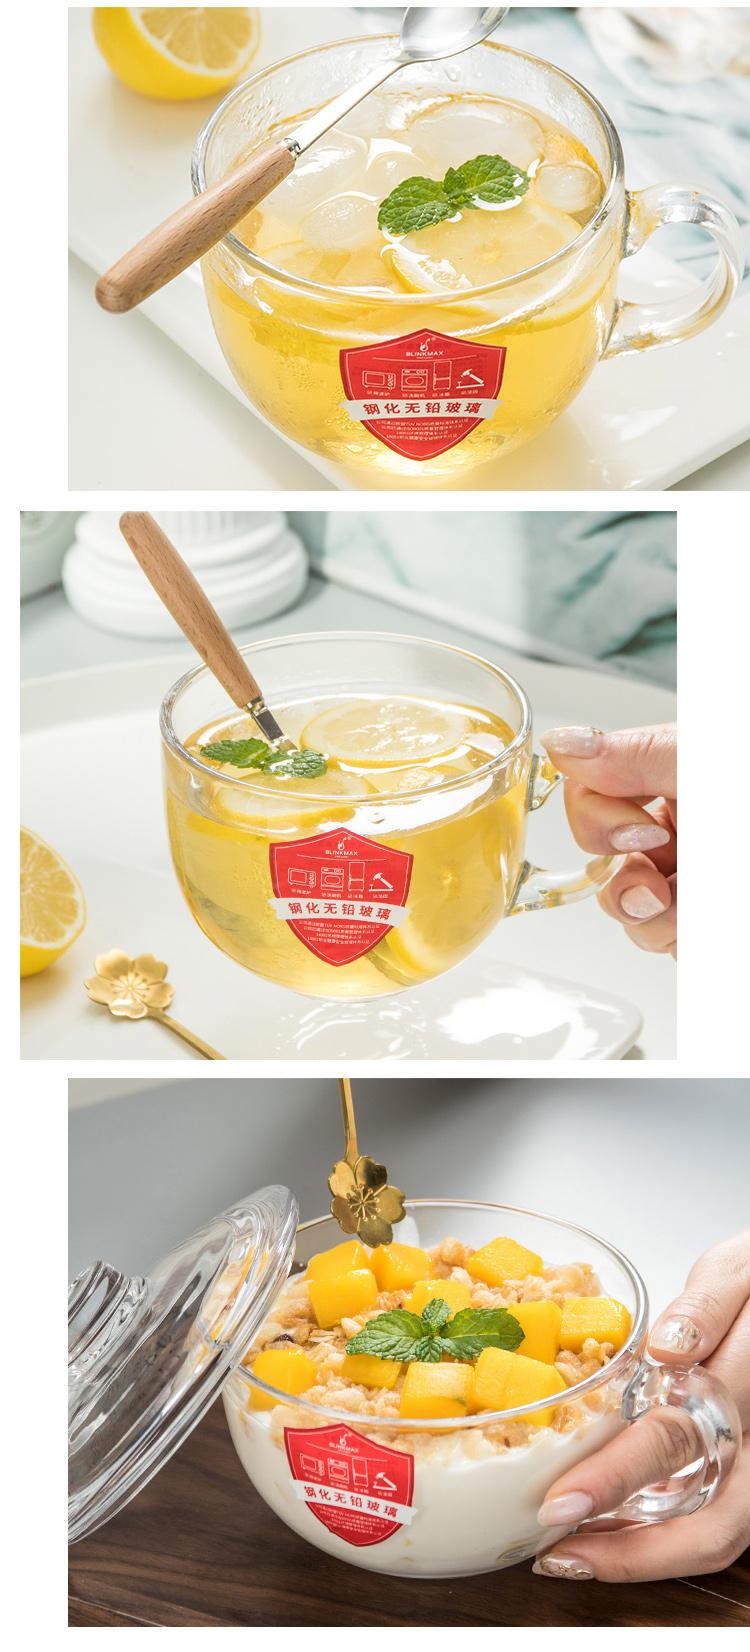 大容量金边玻璃早餐杯马克杯燕麦杯子家用带盖子勺可微波牛奶麦片碗详细照片